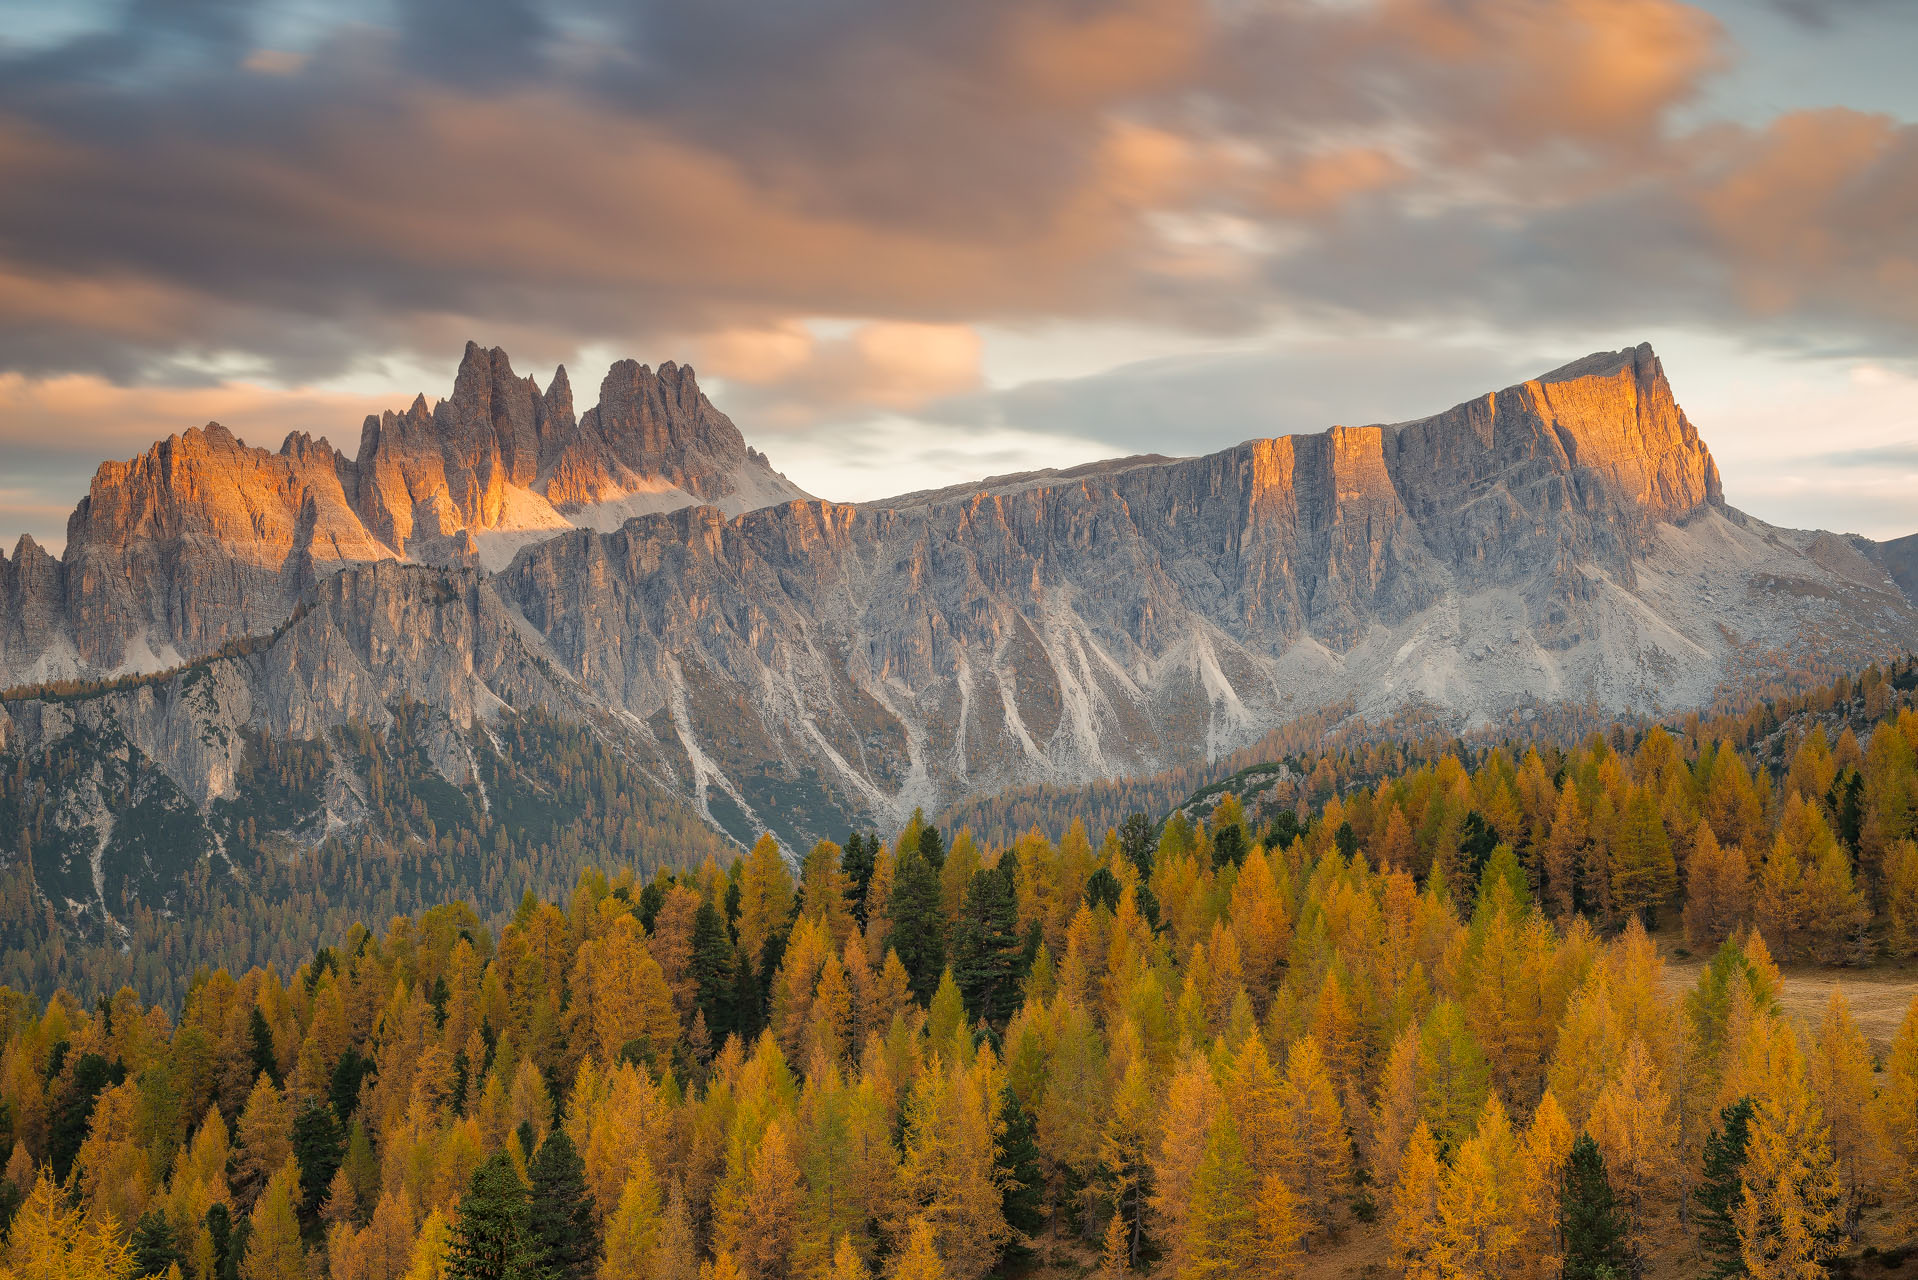 Il gruppo montuoso Croda da Lago, Cortina d'Ampezzo (Belluno)